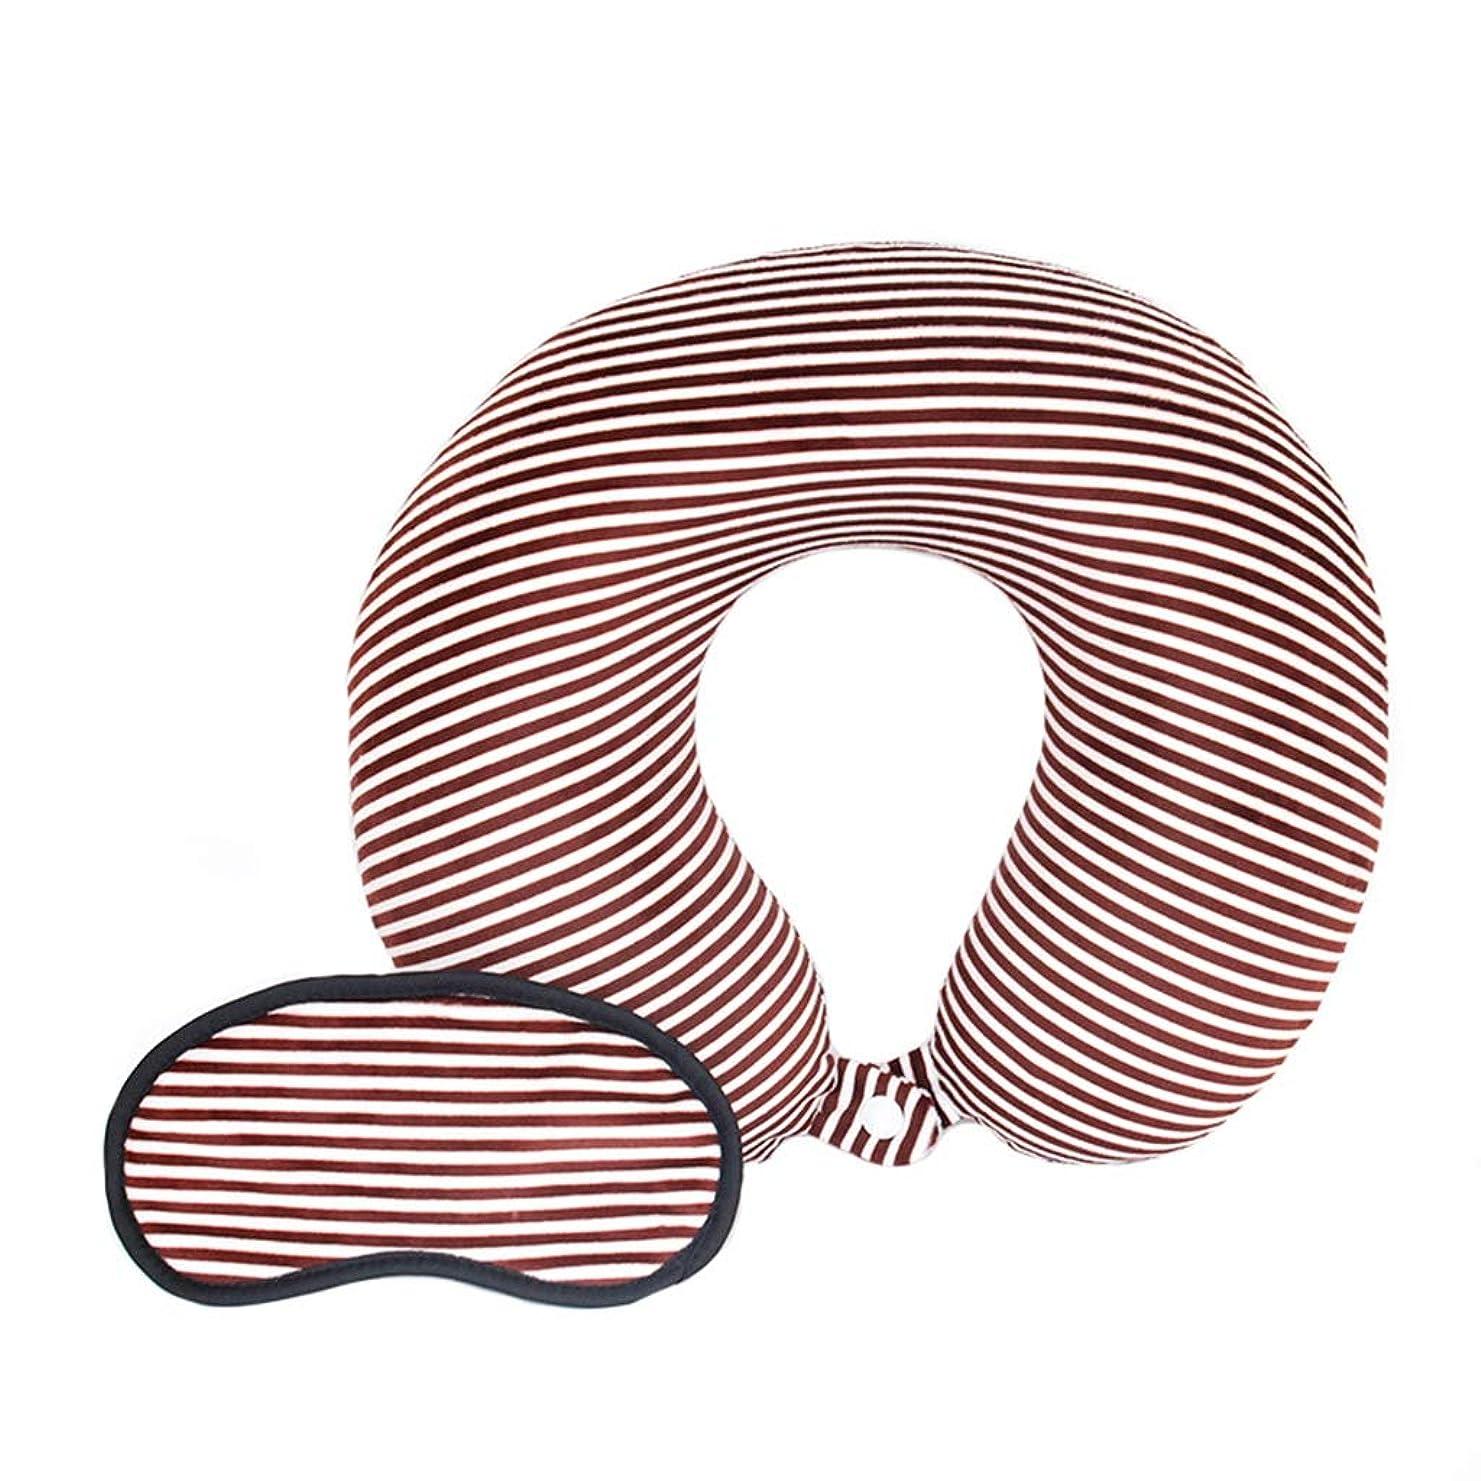 バケツ蒸発する蒸発思い出コットンU字型枕トラベルネック枕スローリバウンドトラベル枕U字型男性と女性の枕アイマスク (Color : Brown)